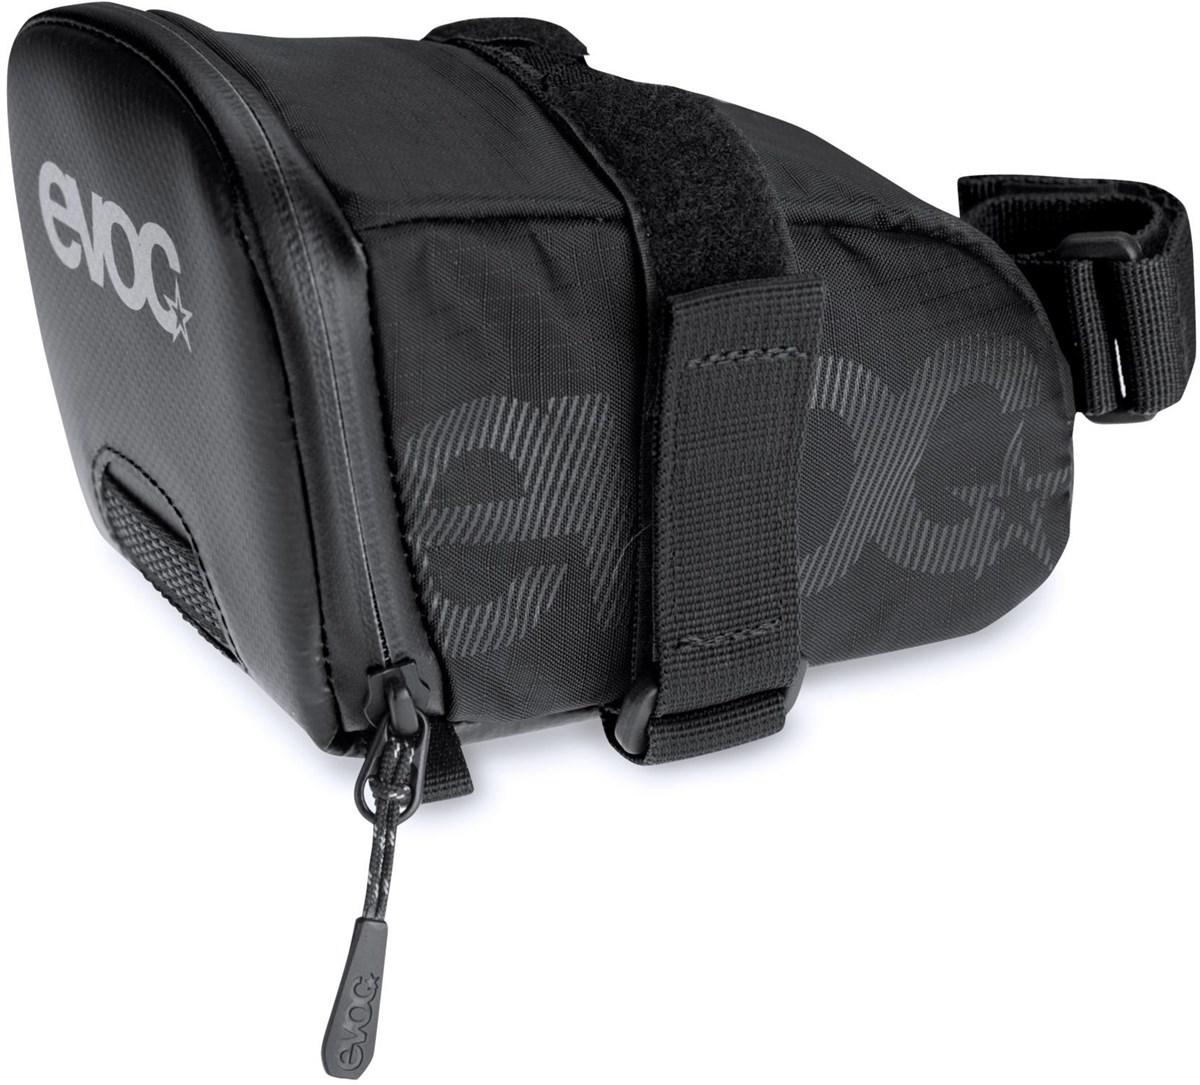 Evoc Tour Saddle Bag - 1L